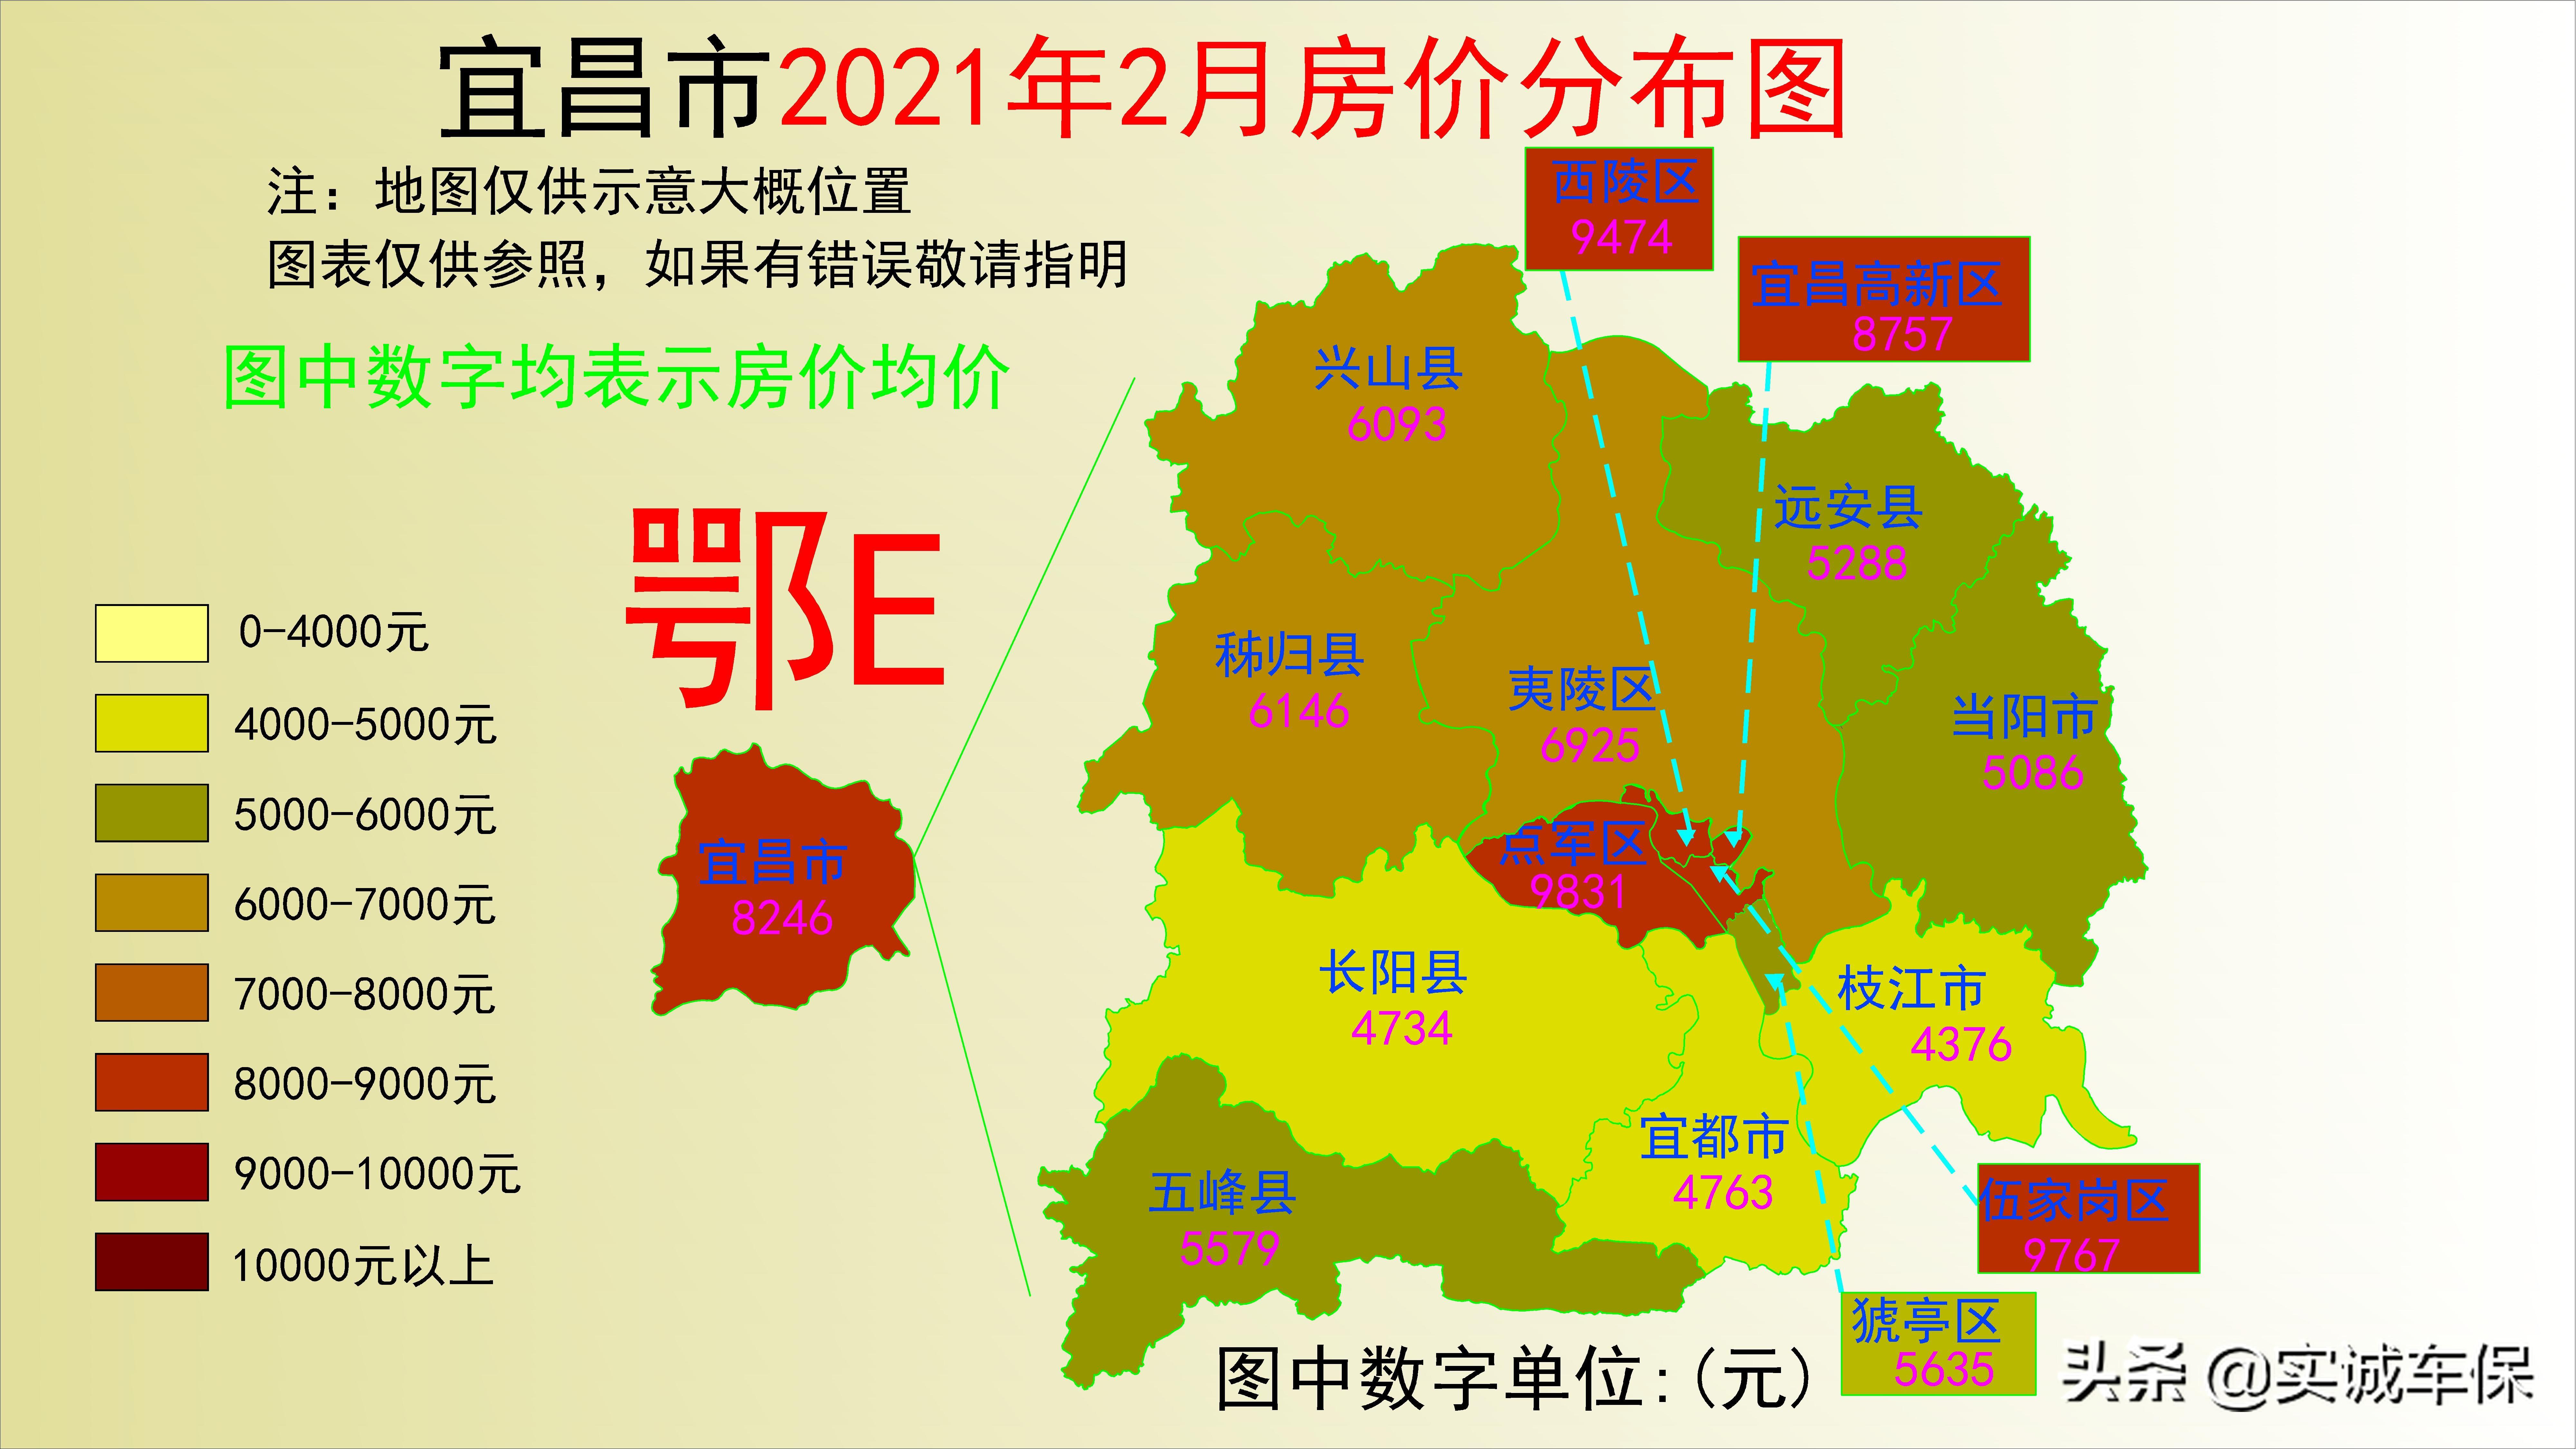 湖北17个市州2021年2月房价分布图